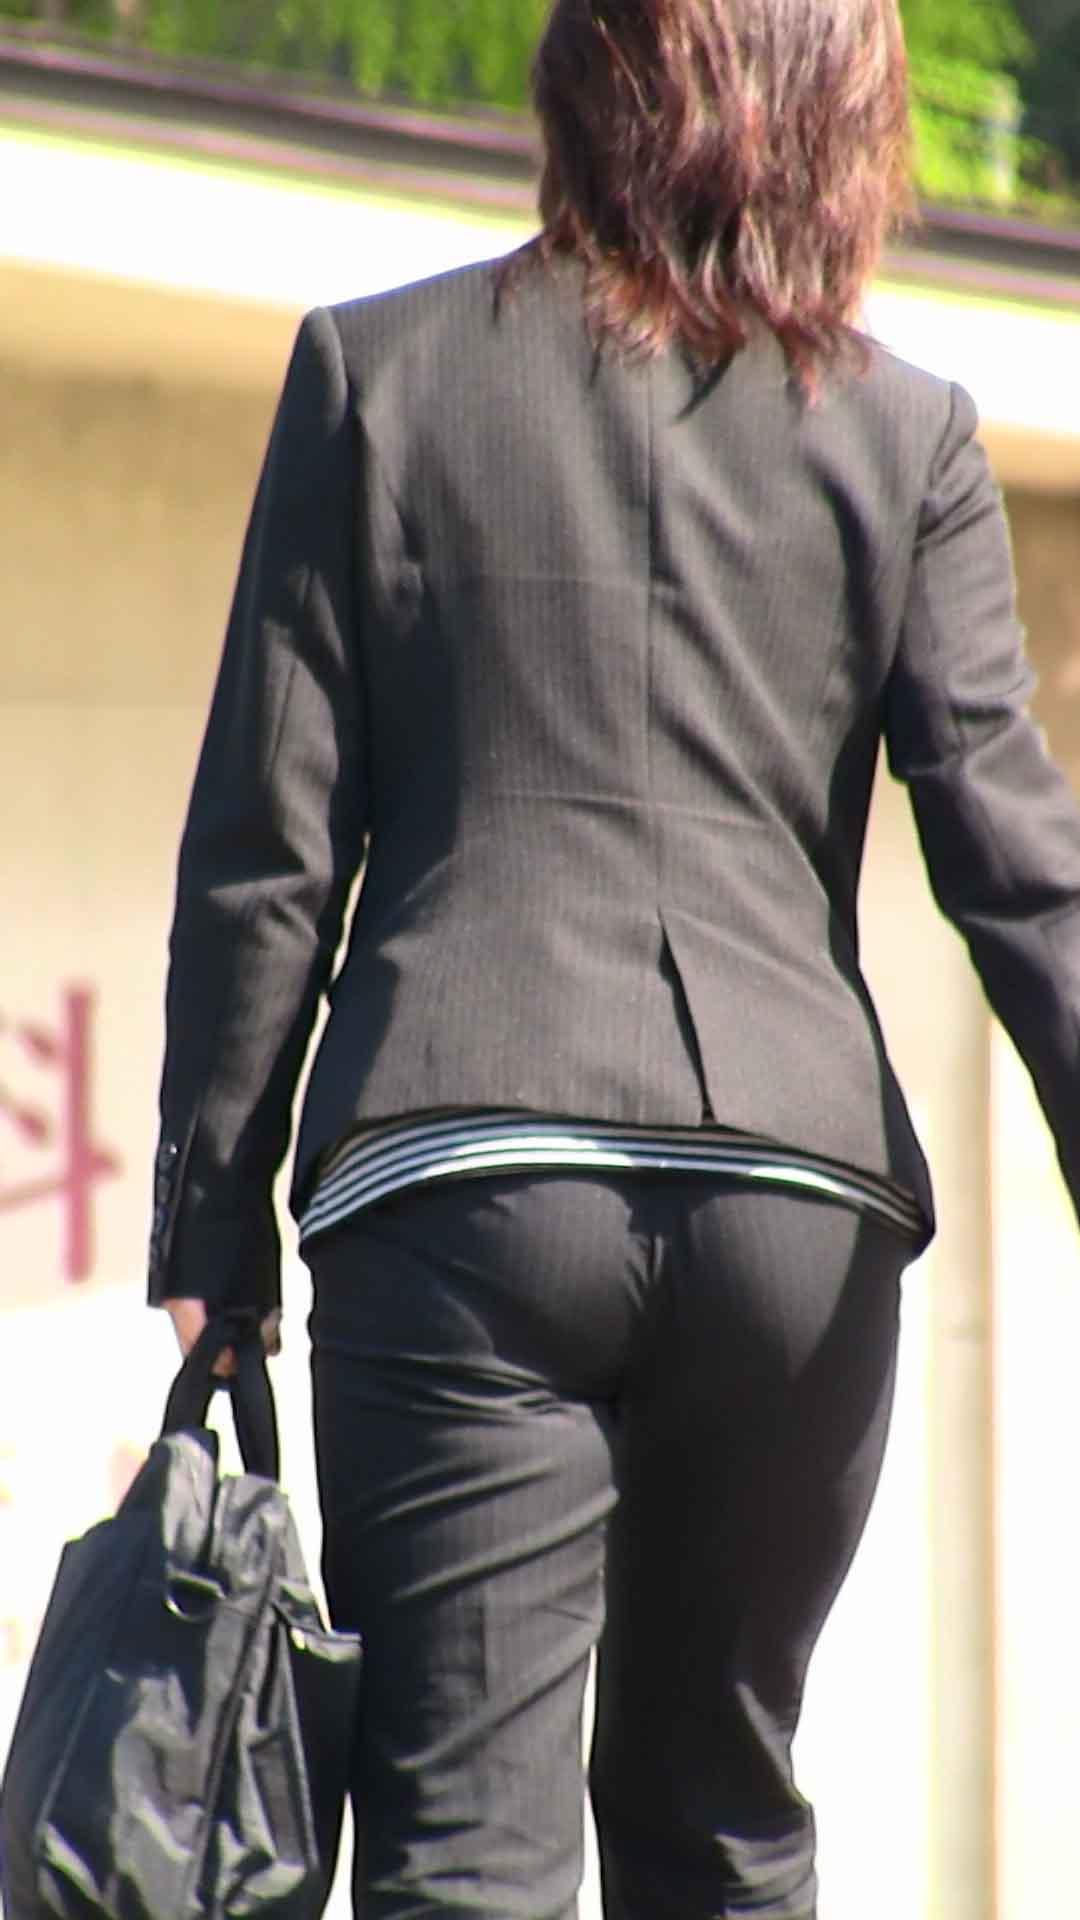 お尻から下着のラインが浮き出てる (9)